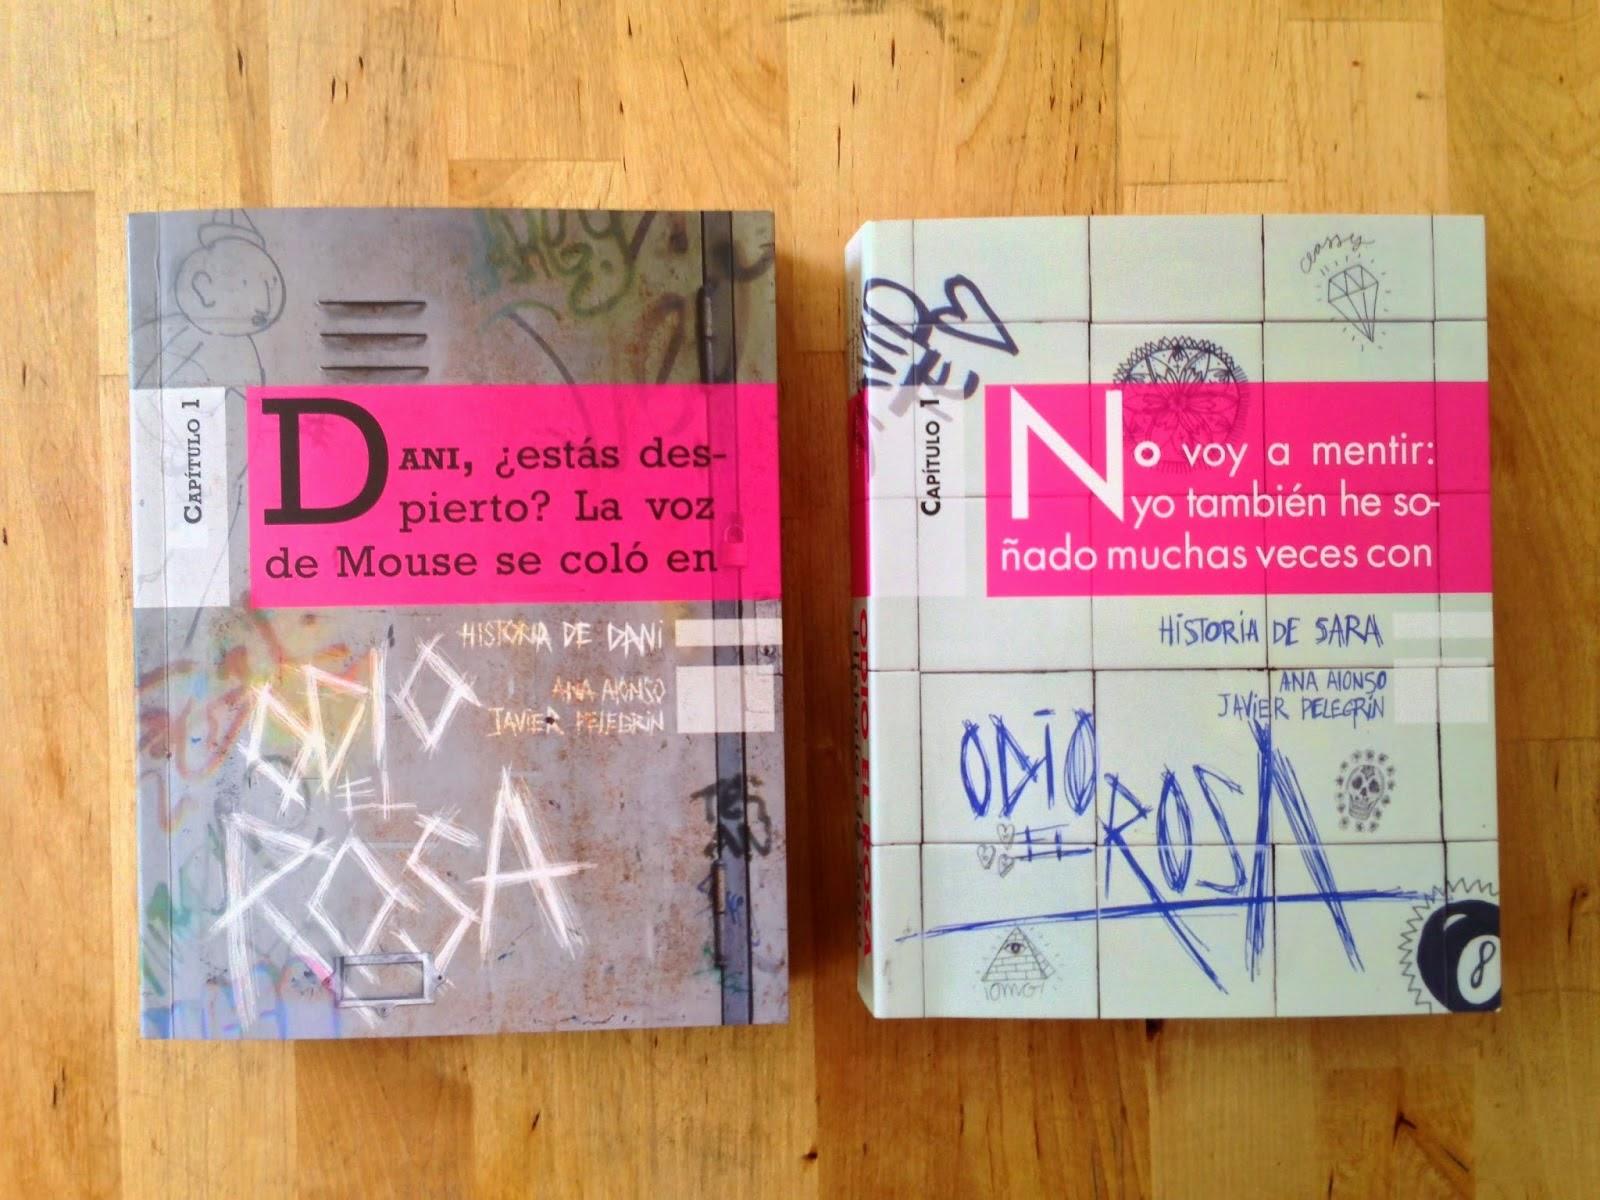 odio el rosa libros fondo madera